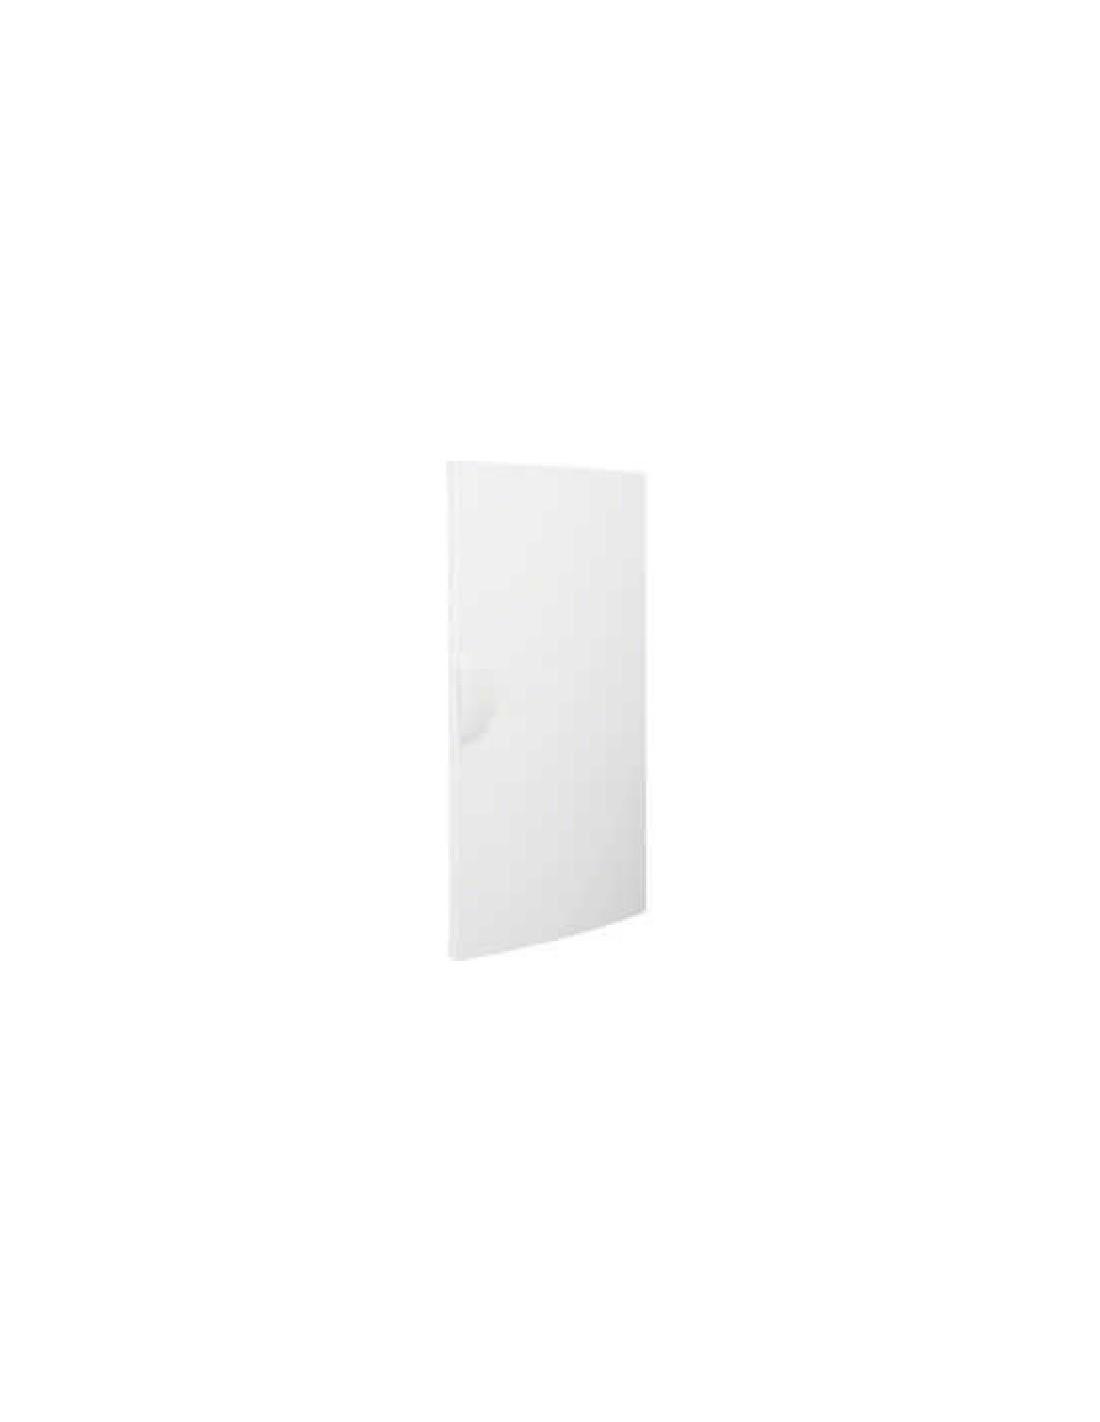 porte opaque pour tableau gd313a hager 3 rang es. Black Bedroom Furniture Sets. Home Design Ideas